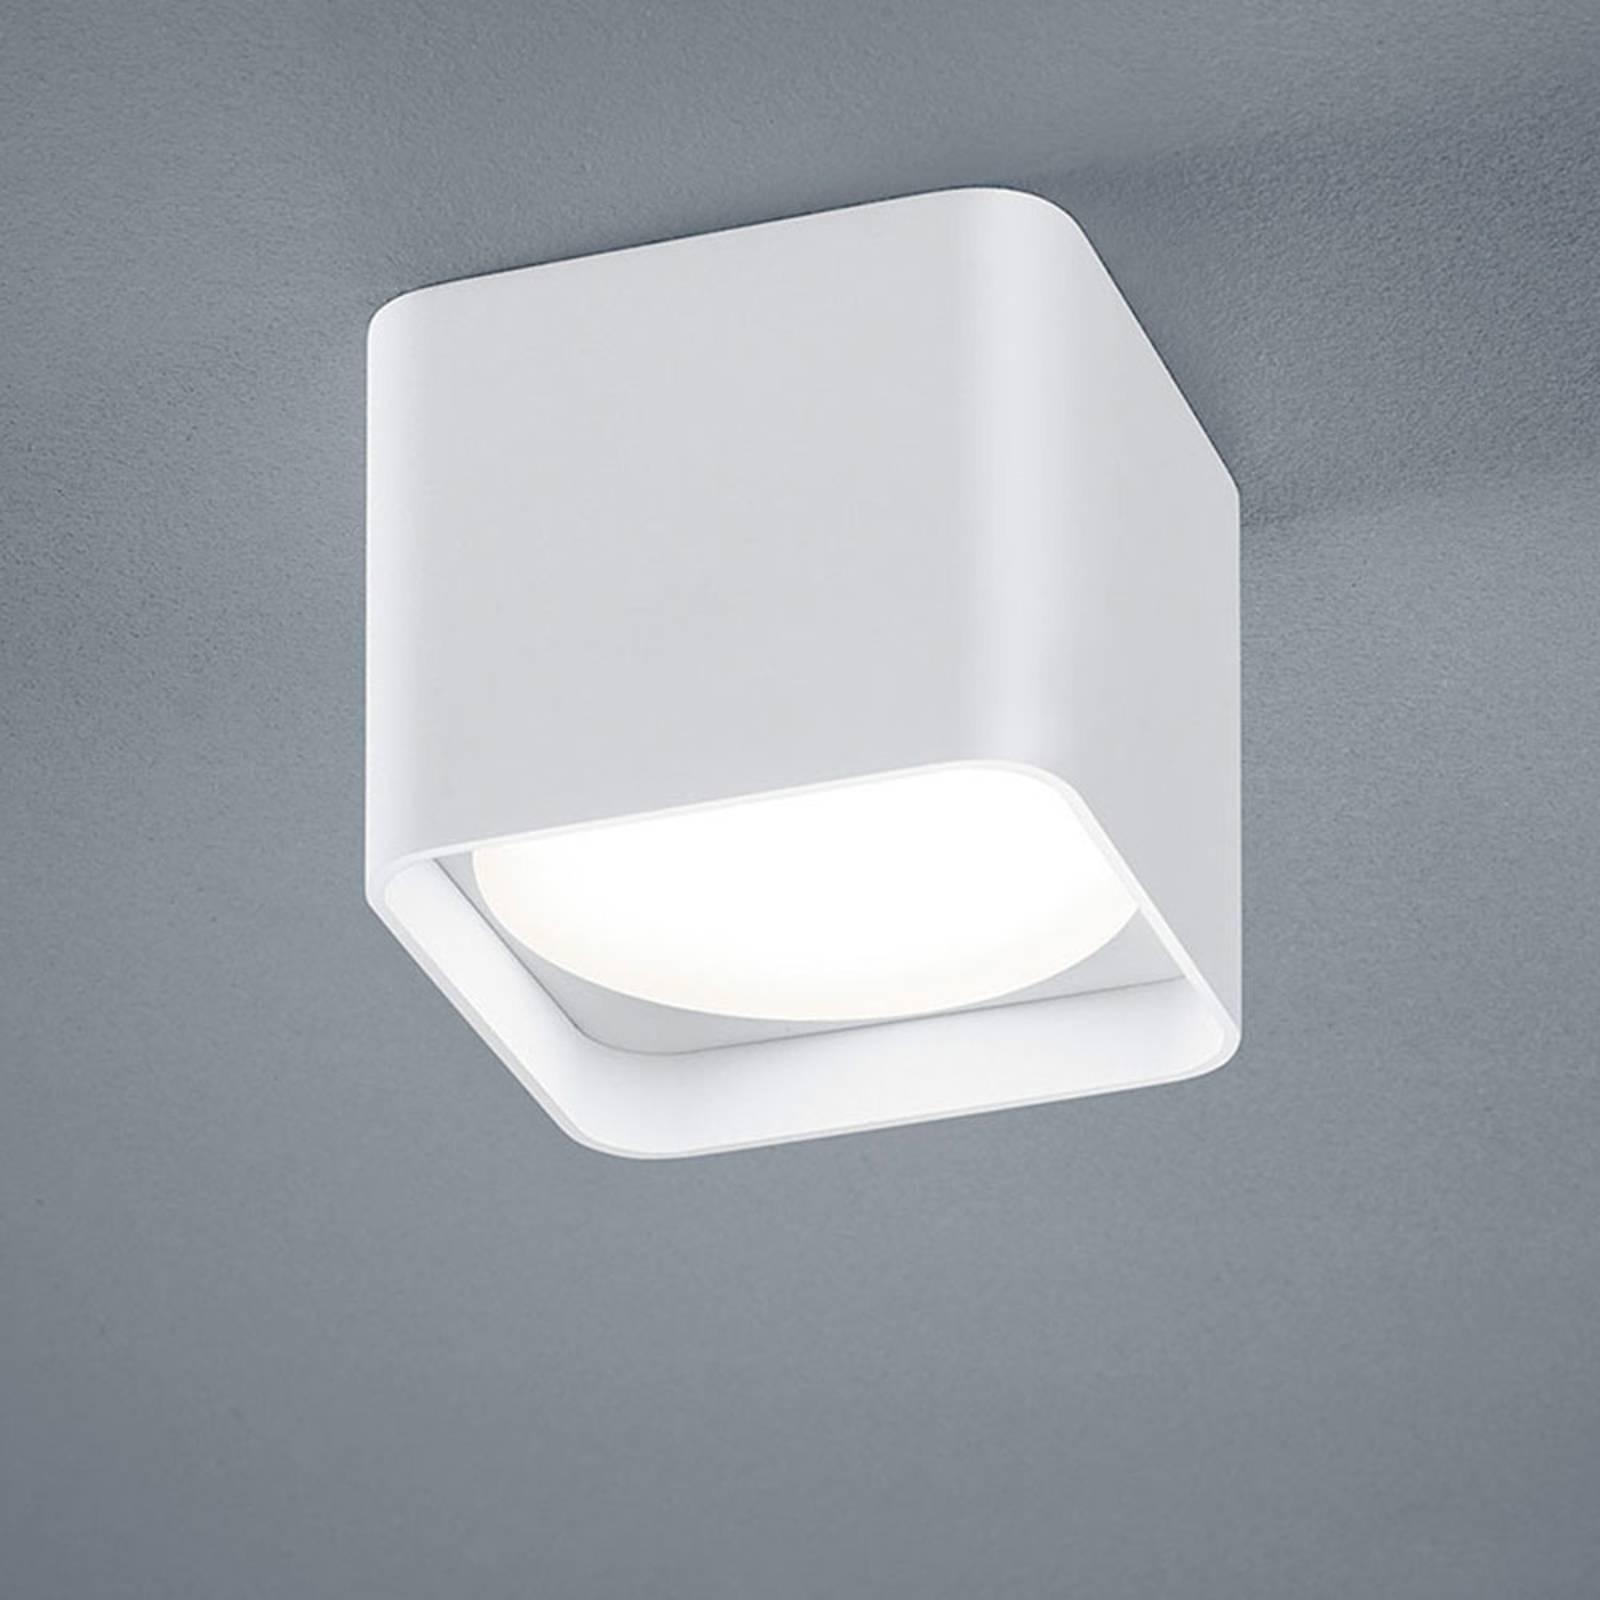 Helestra Dora LED plafondlamp hoekig, wit mat